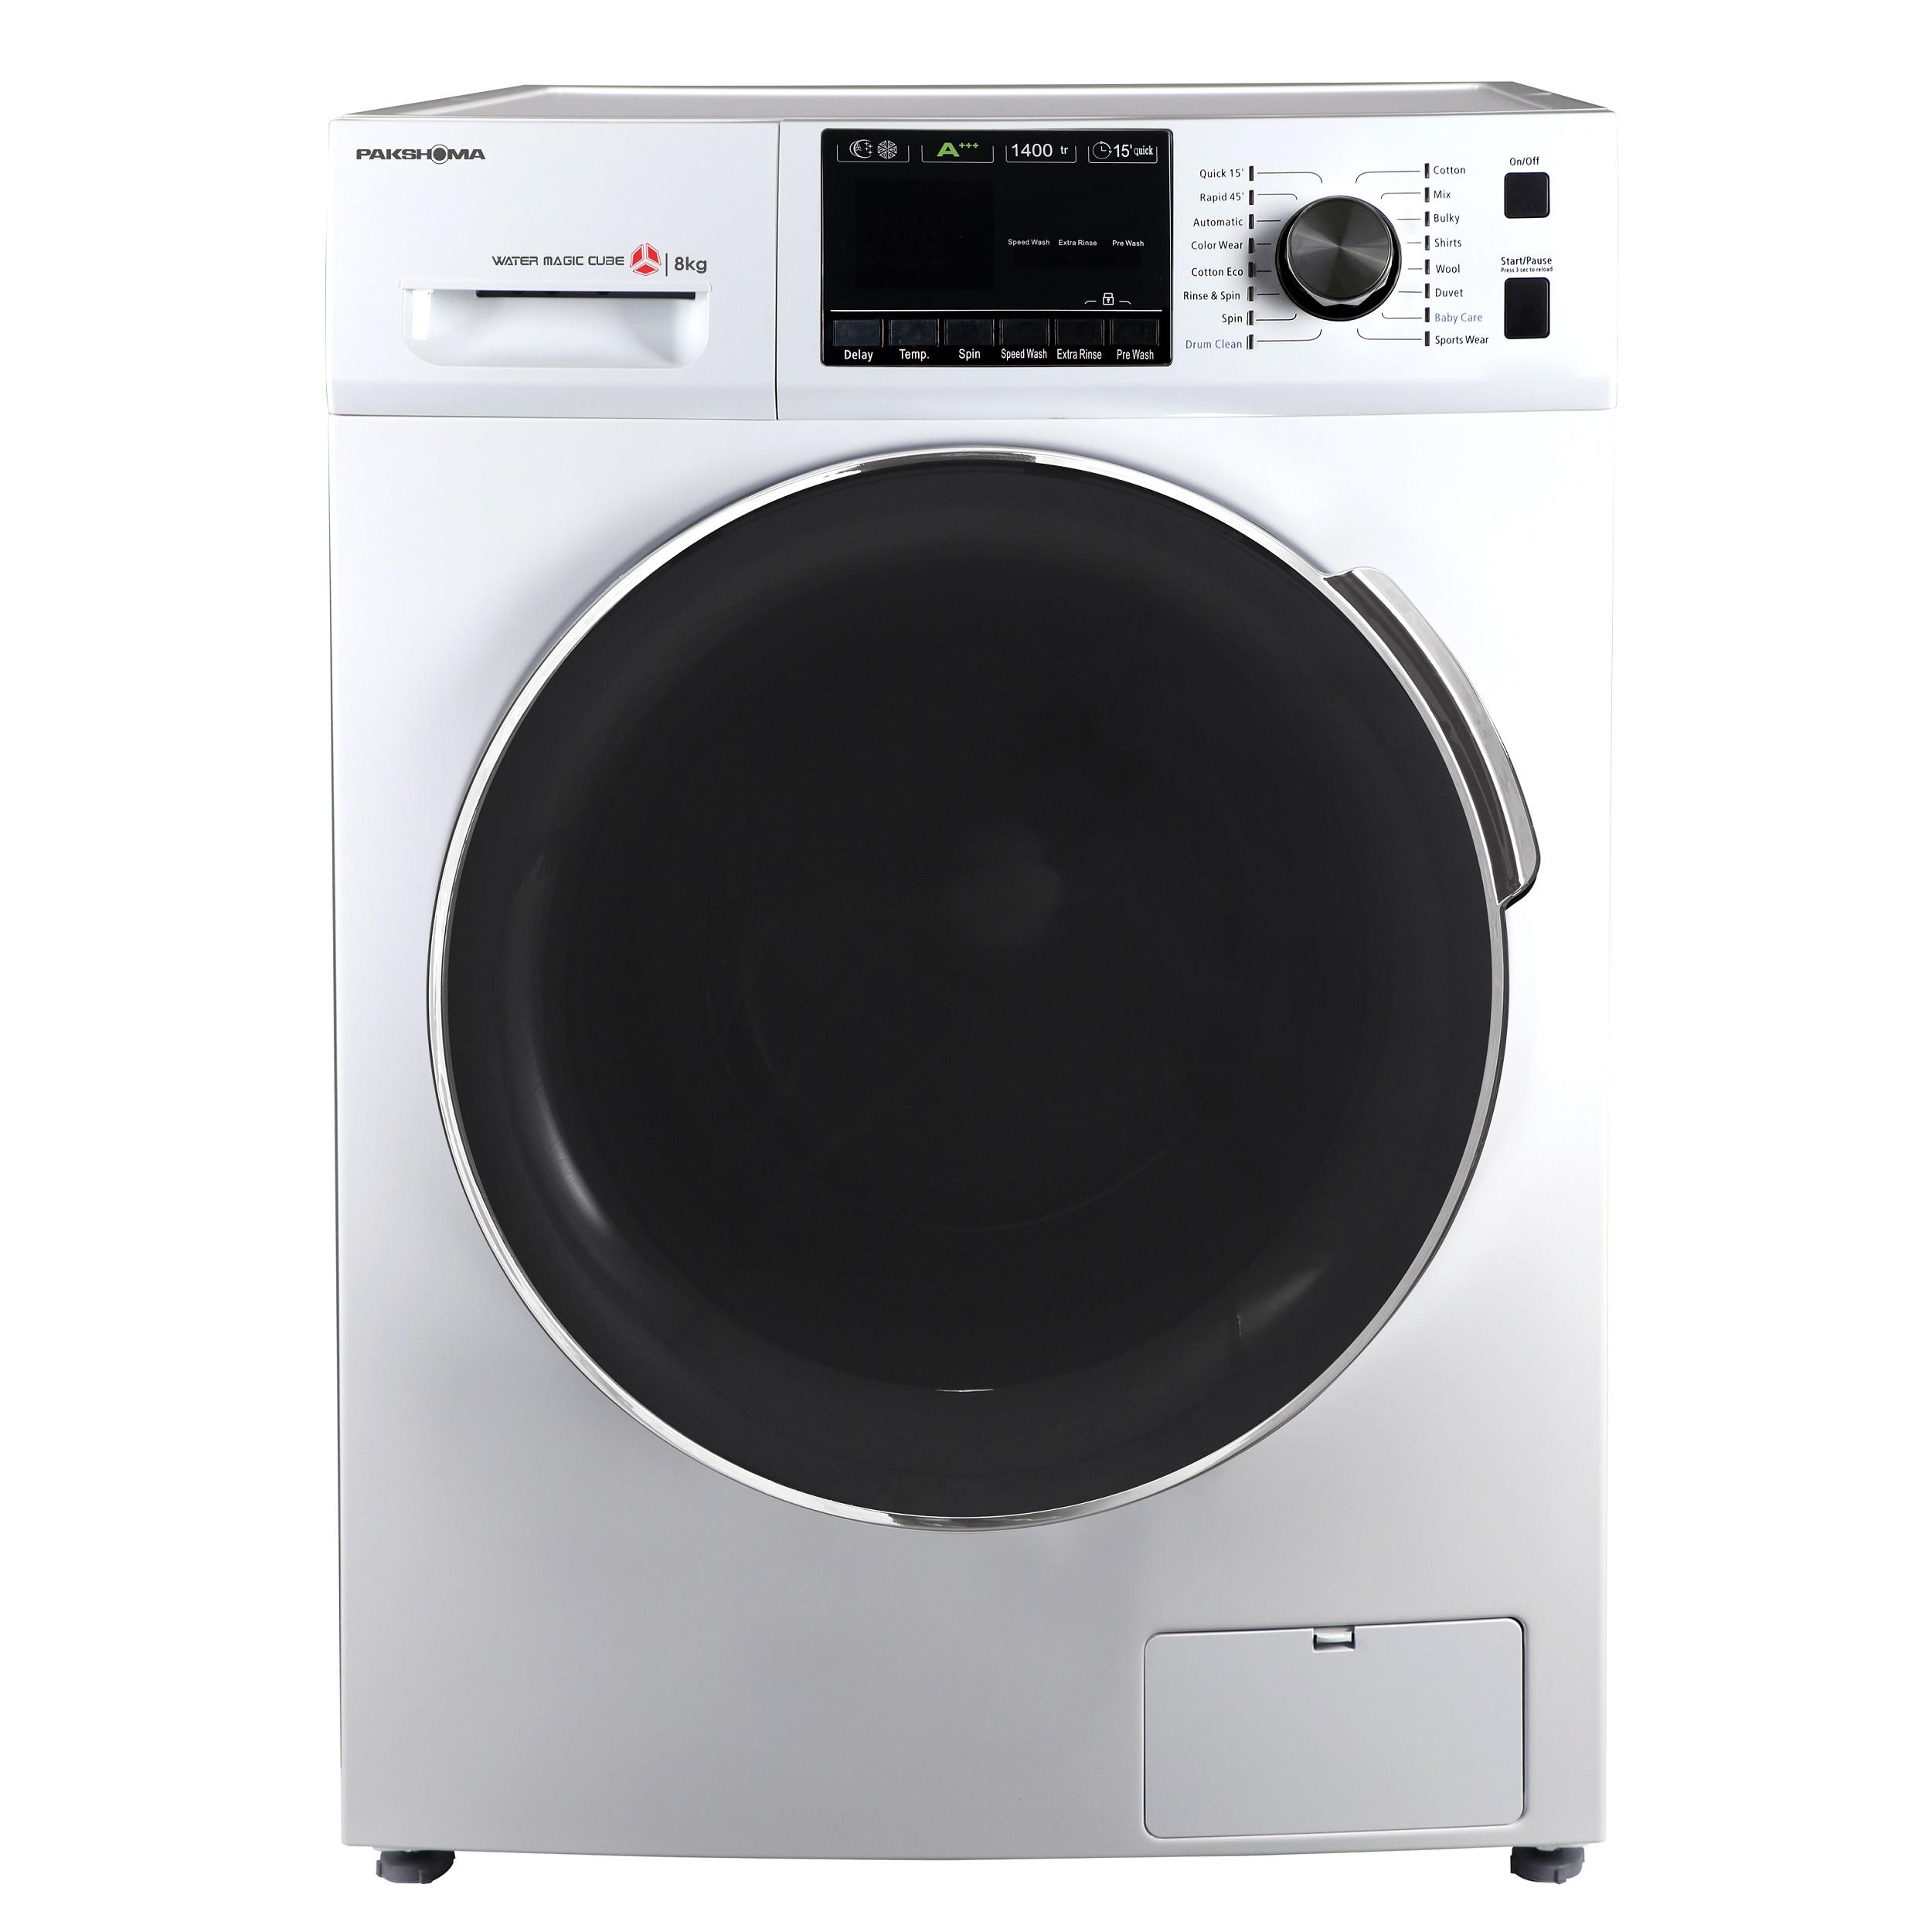 فروش نقدی یا اقساطی ماشین لباسشویی پاکشوما مدل TFU-83401 ظرفیت 8 کیلوگرم